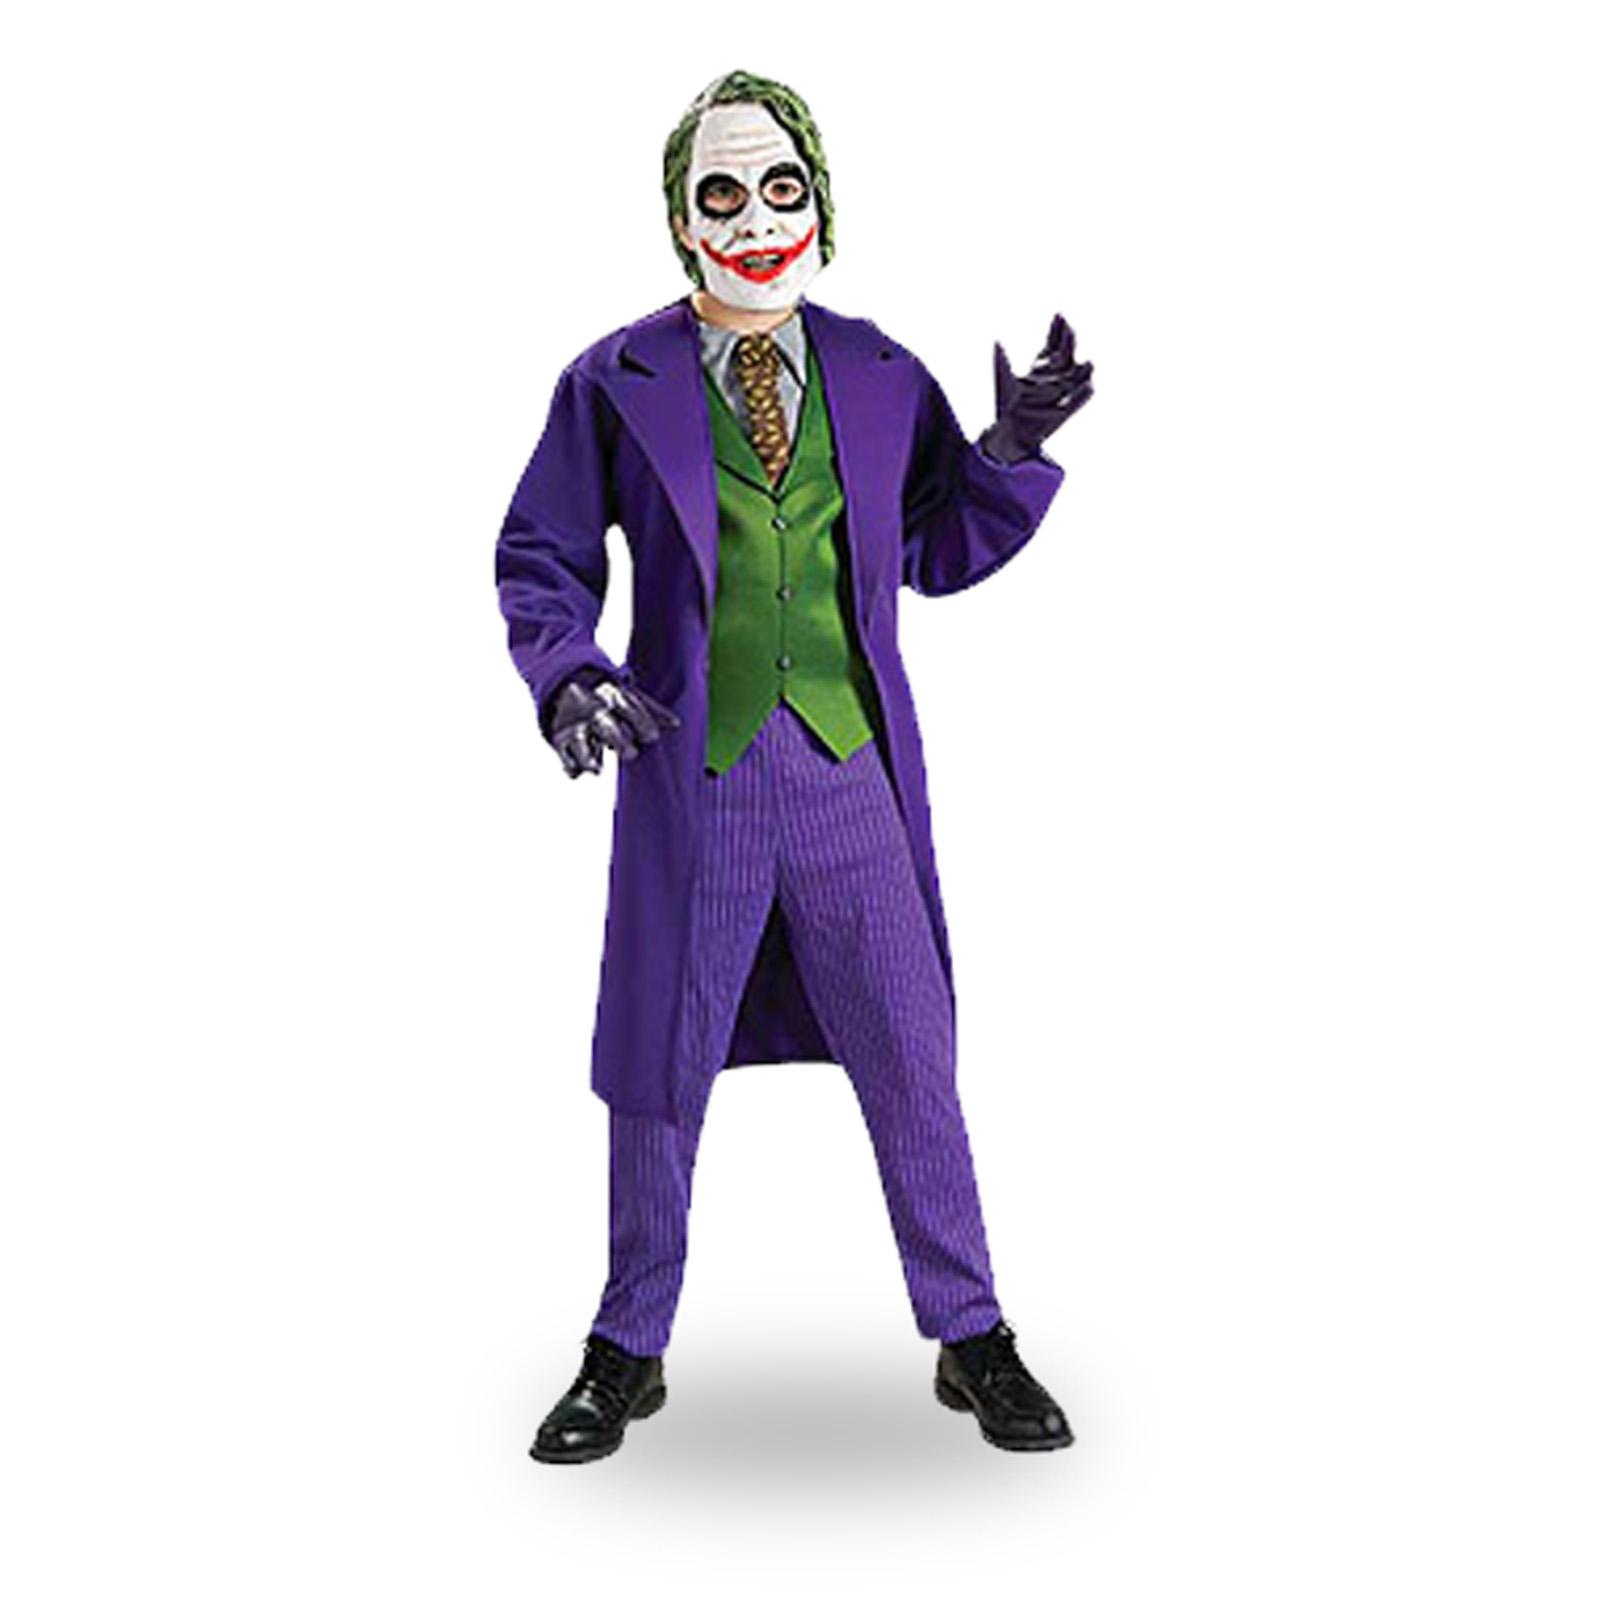 ... kategoriler kostümler spiderman çocuk kostüm premium casino williamhill herunterladen 5 6 yaş